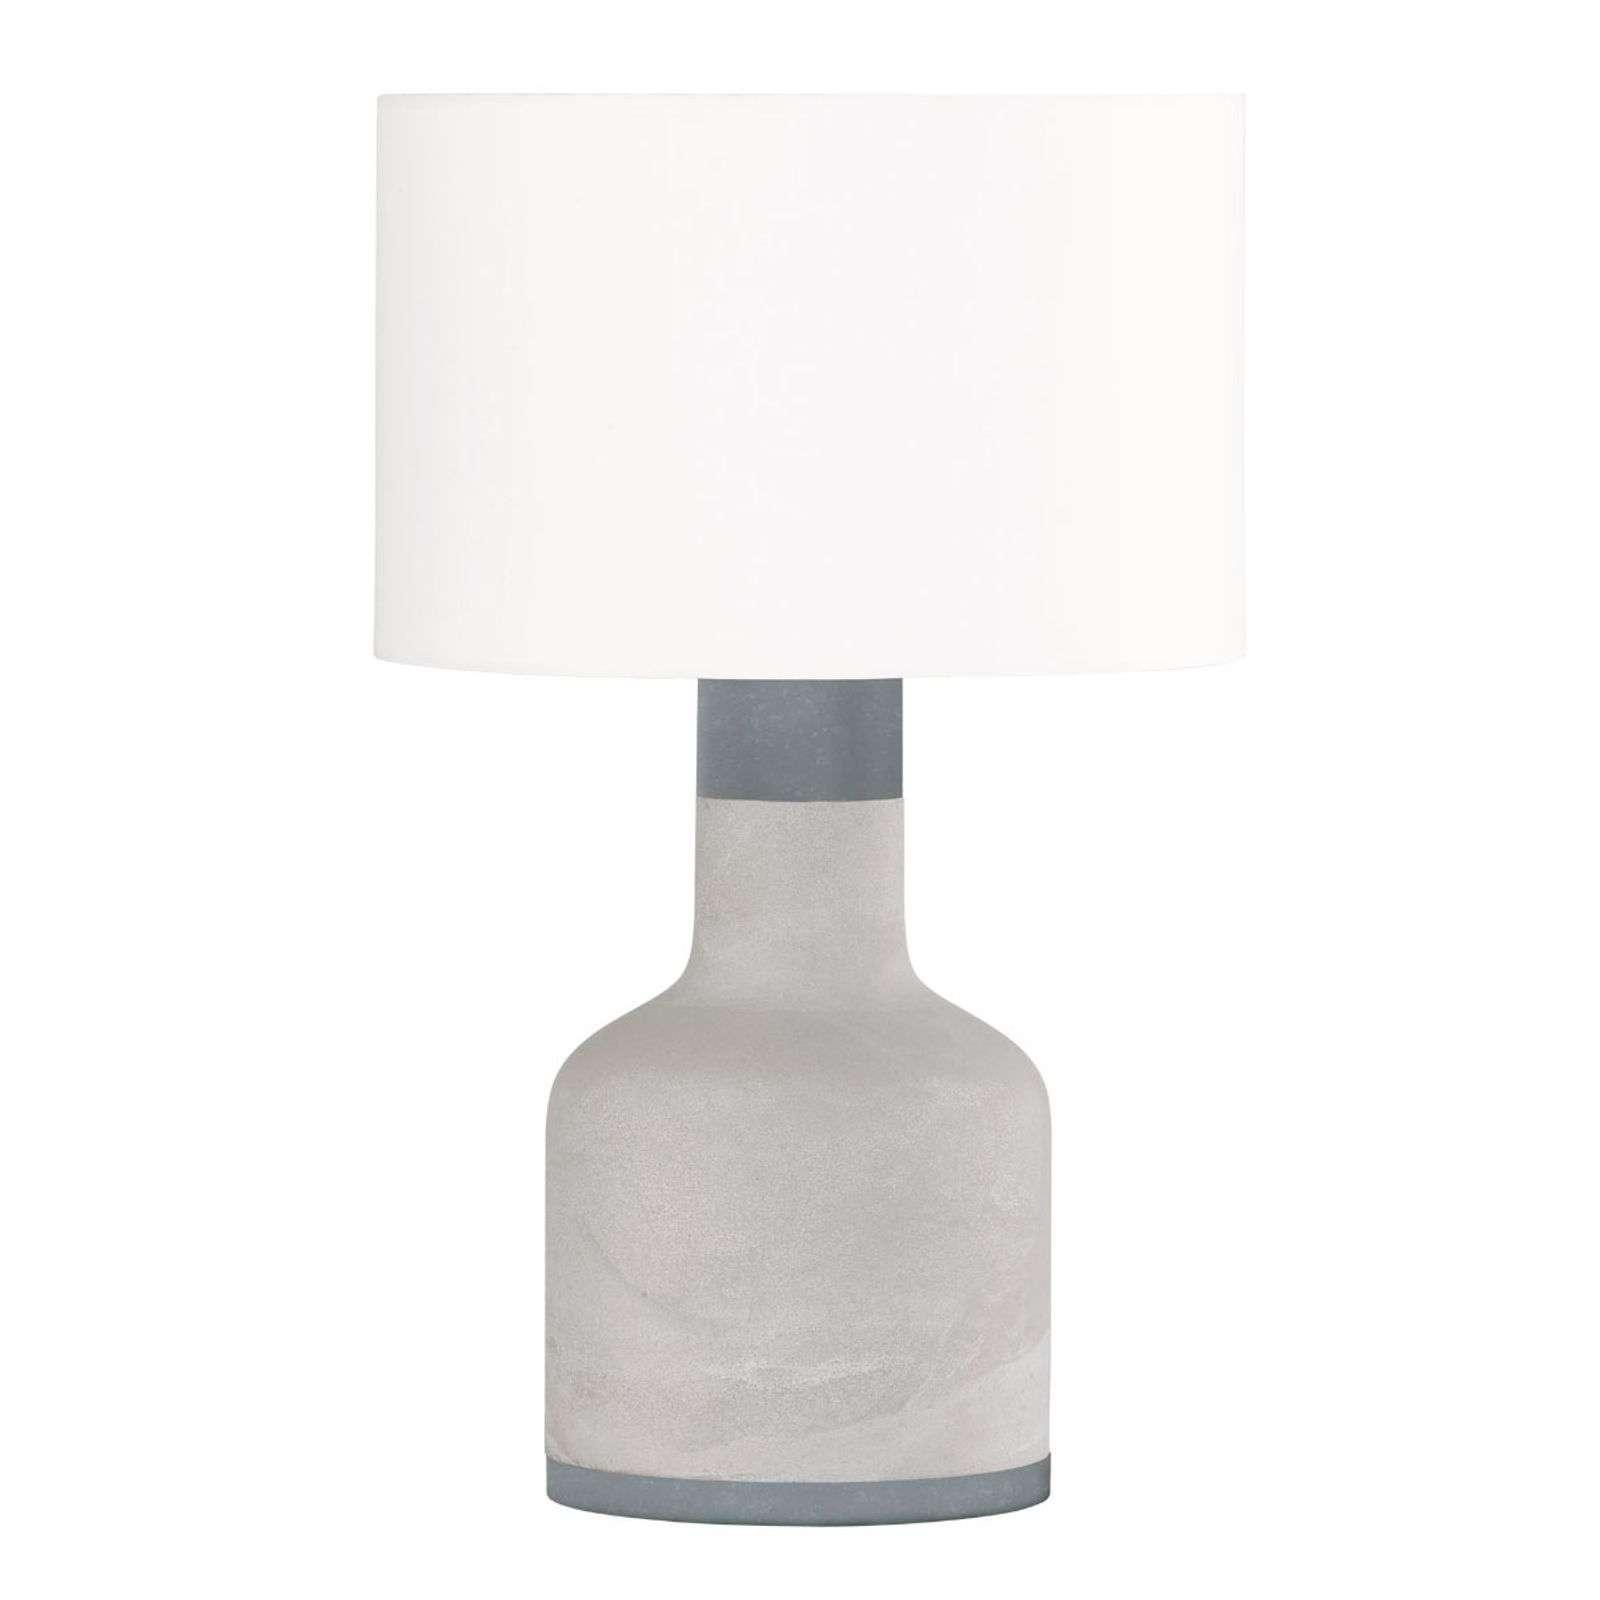 Full Size of Tischlampe Wohnzimmer Kamin Relaxliege Schrank Hängeschrank Teppich Pendelleuchte Deckenleuchten Liege Deko Schrankwand Indirekte Beleuchtung Stehlampe Wohnzimmer Tischlampe Wohnzimmer